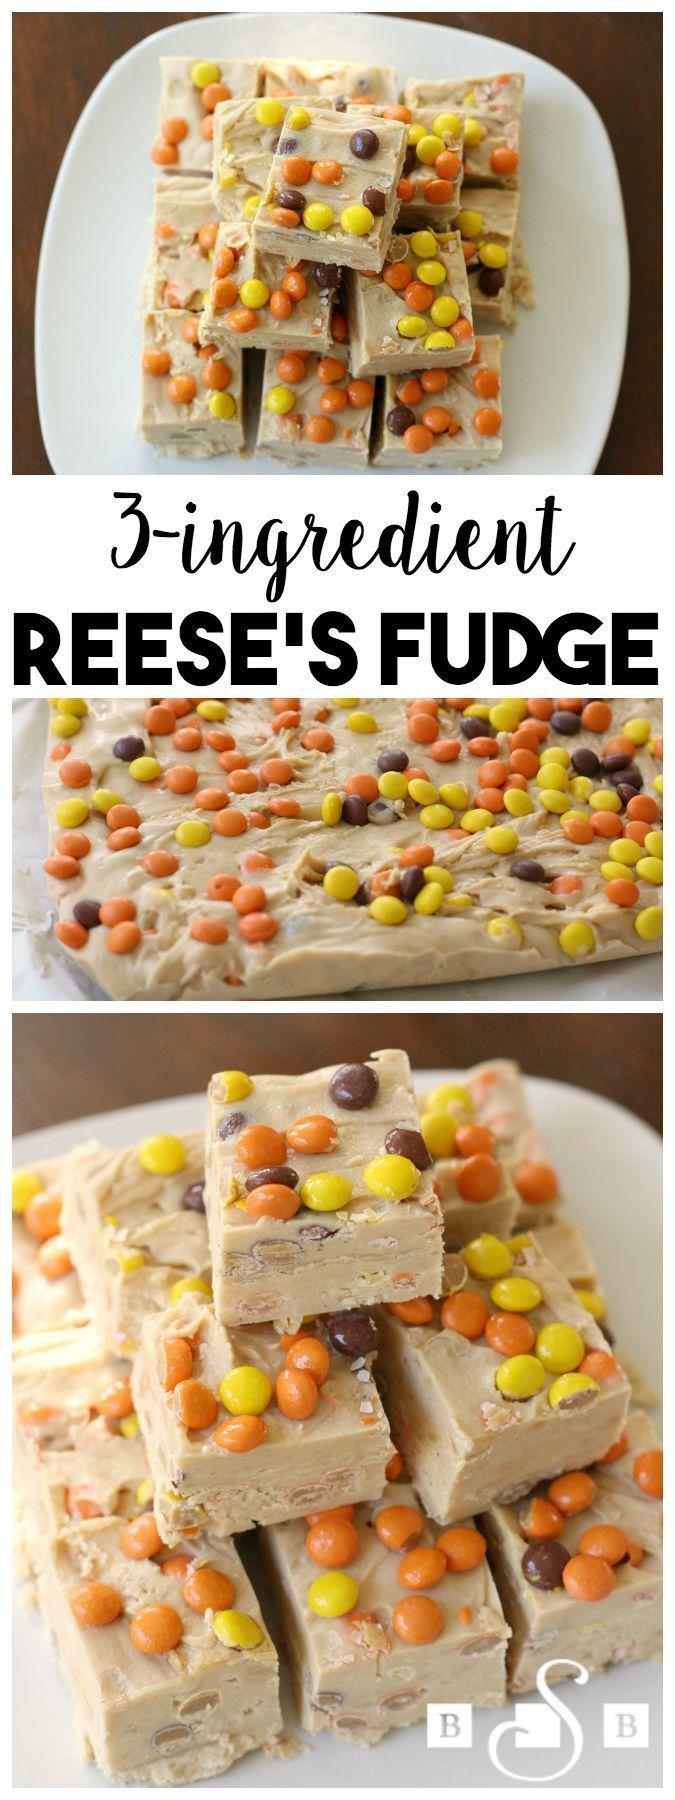 3-Ingredient Easy Reese's Fudge - so simple!